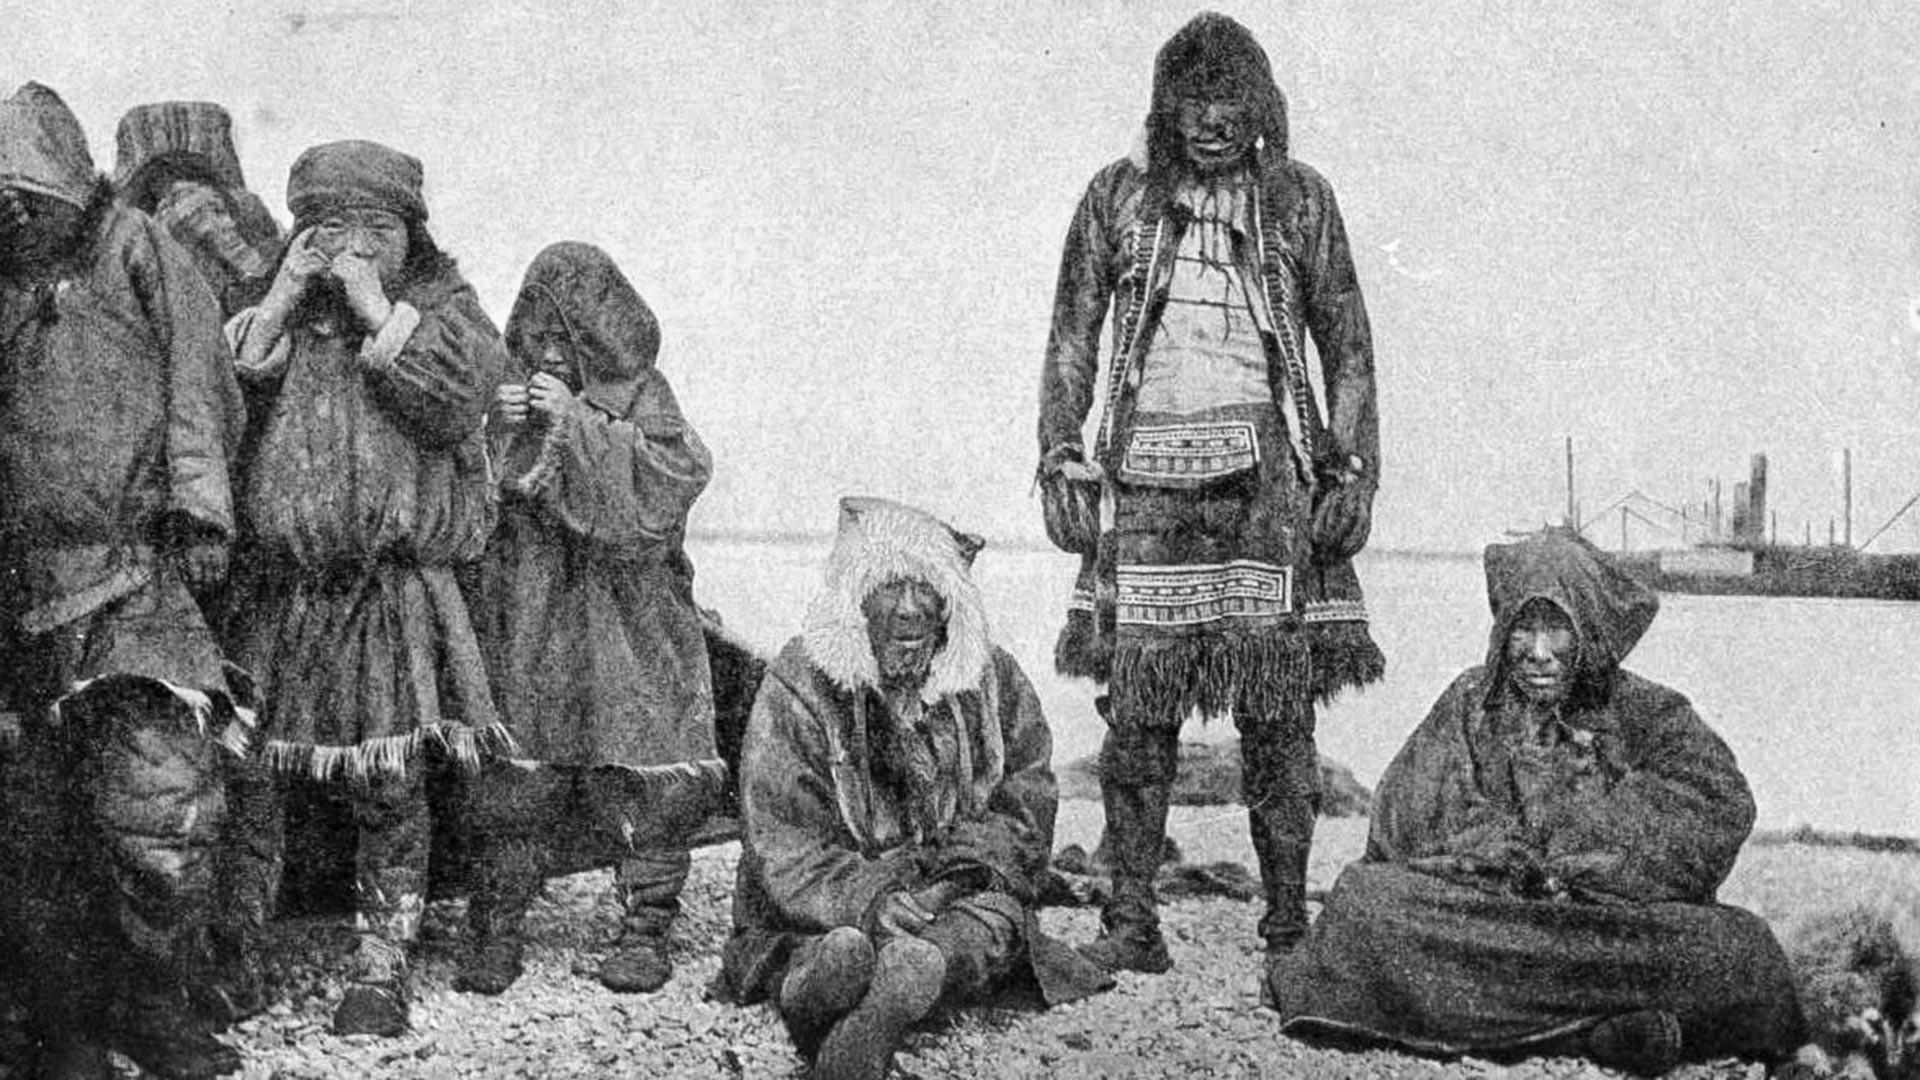 Družina Čukčev z ladjo v ozadju. Fotografija iz leta 1908 (Anadir - Novo Marijinsk)